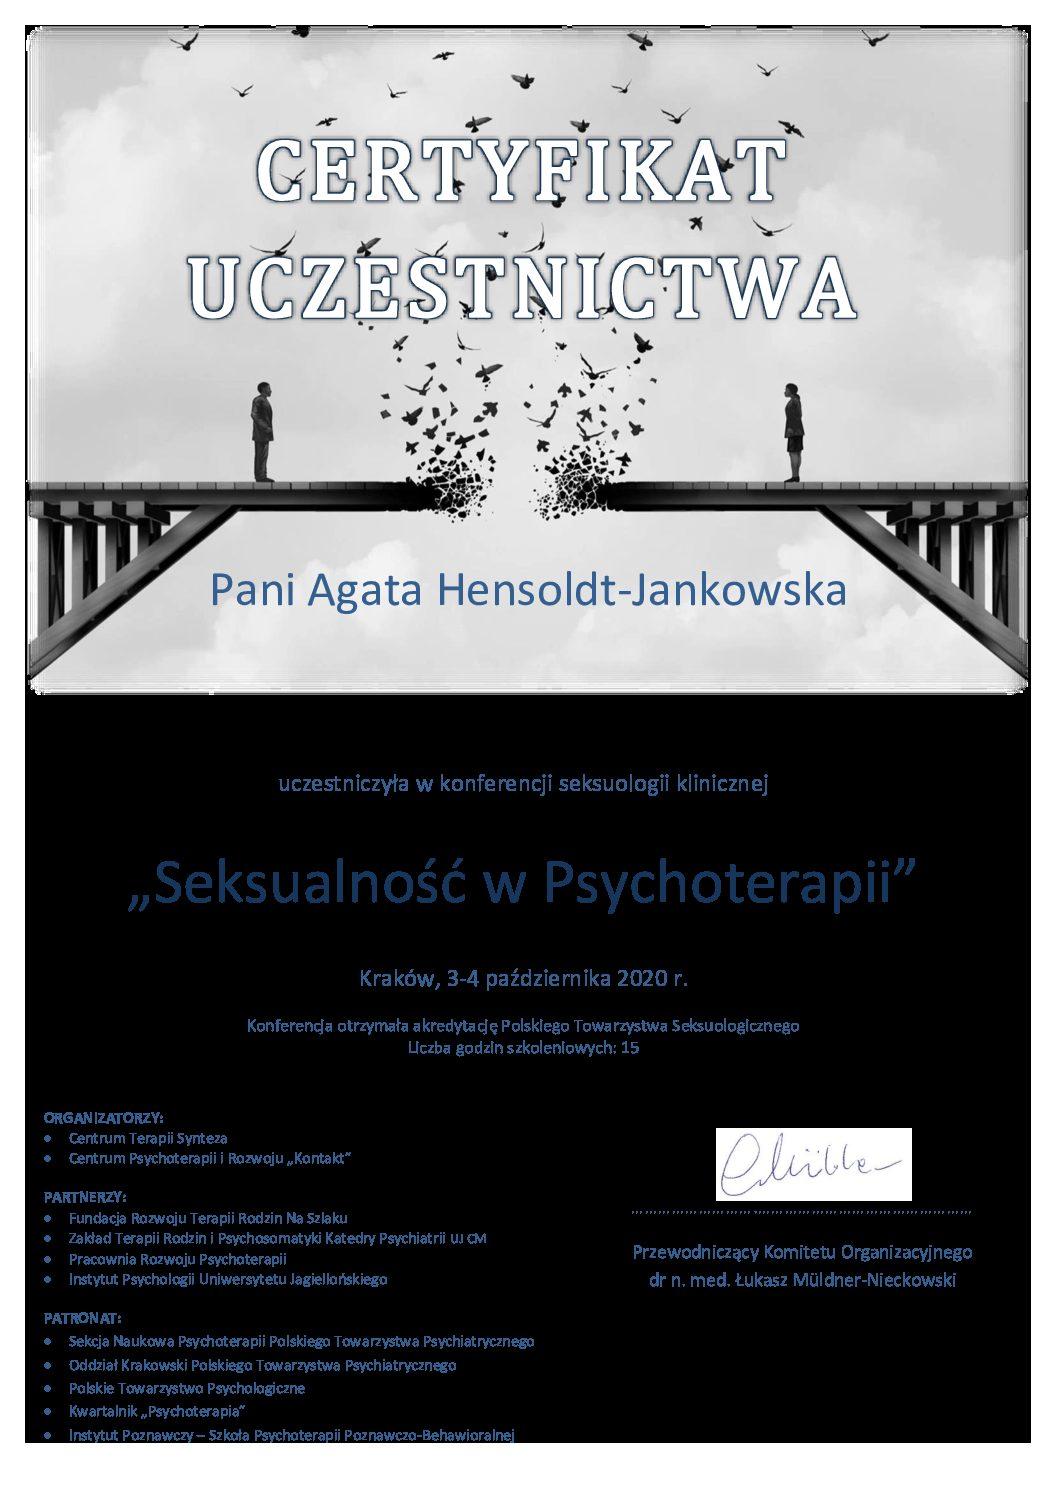 Seksualność w psychoterapii